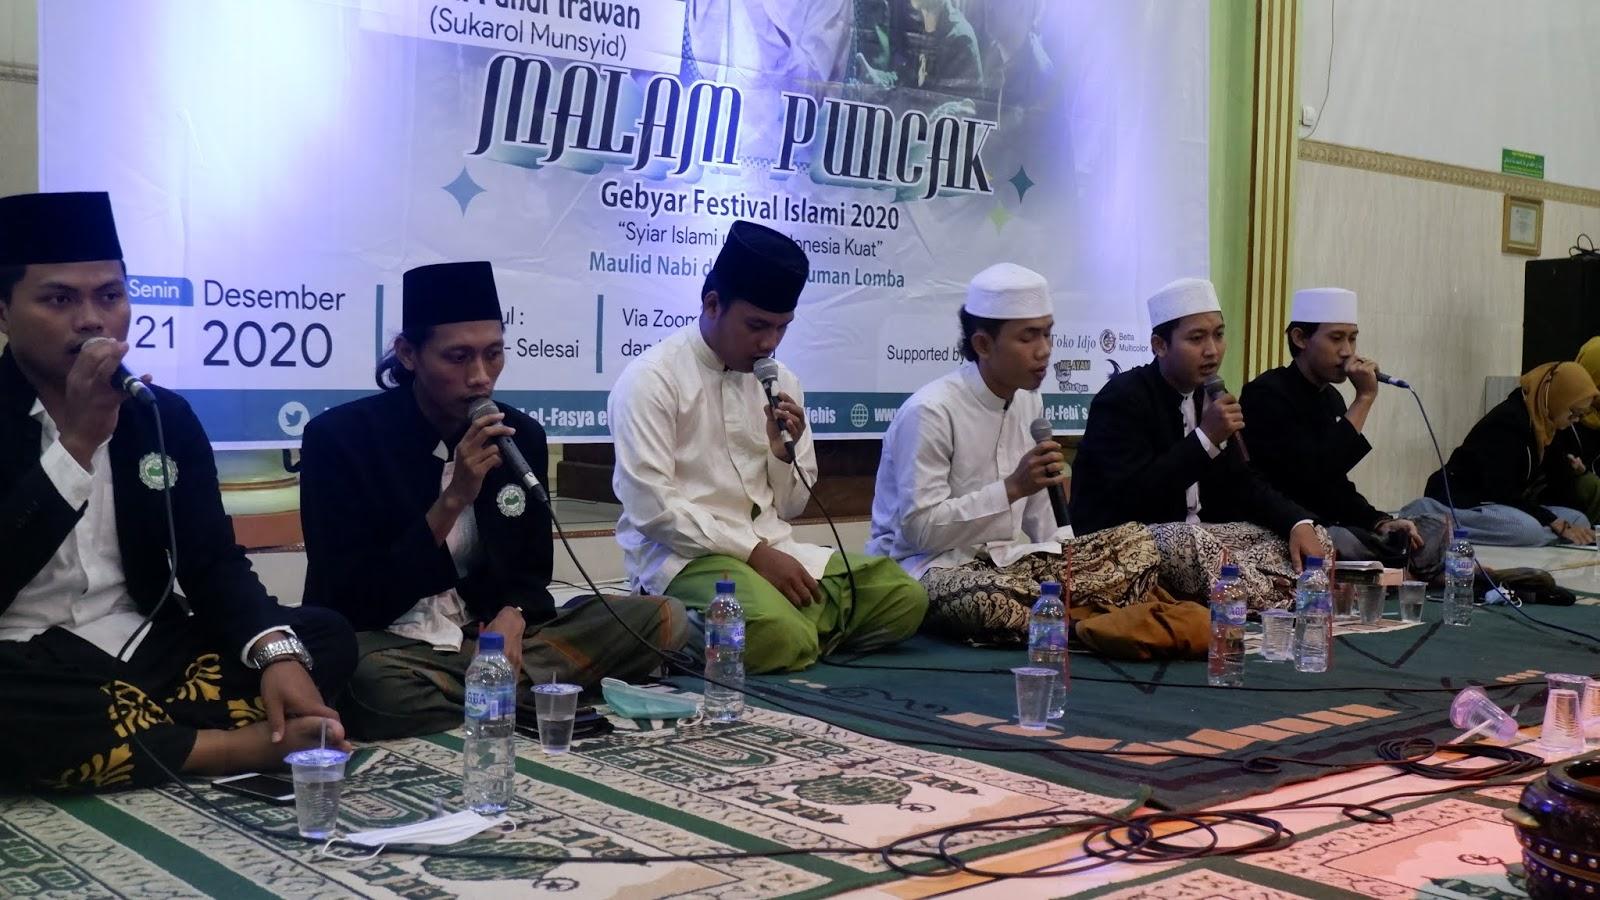 Bersama Cak Fandy Irawan Sukarol Munsyid